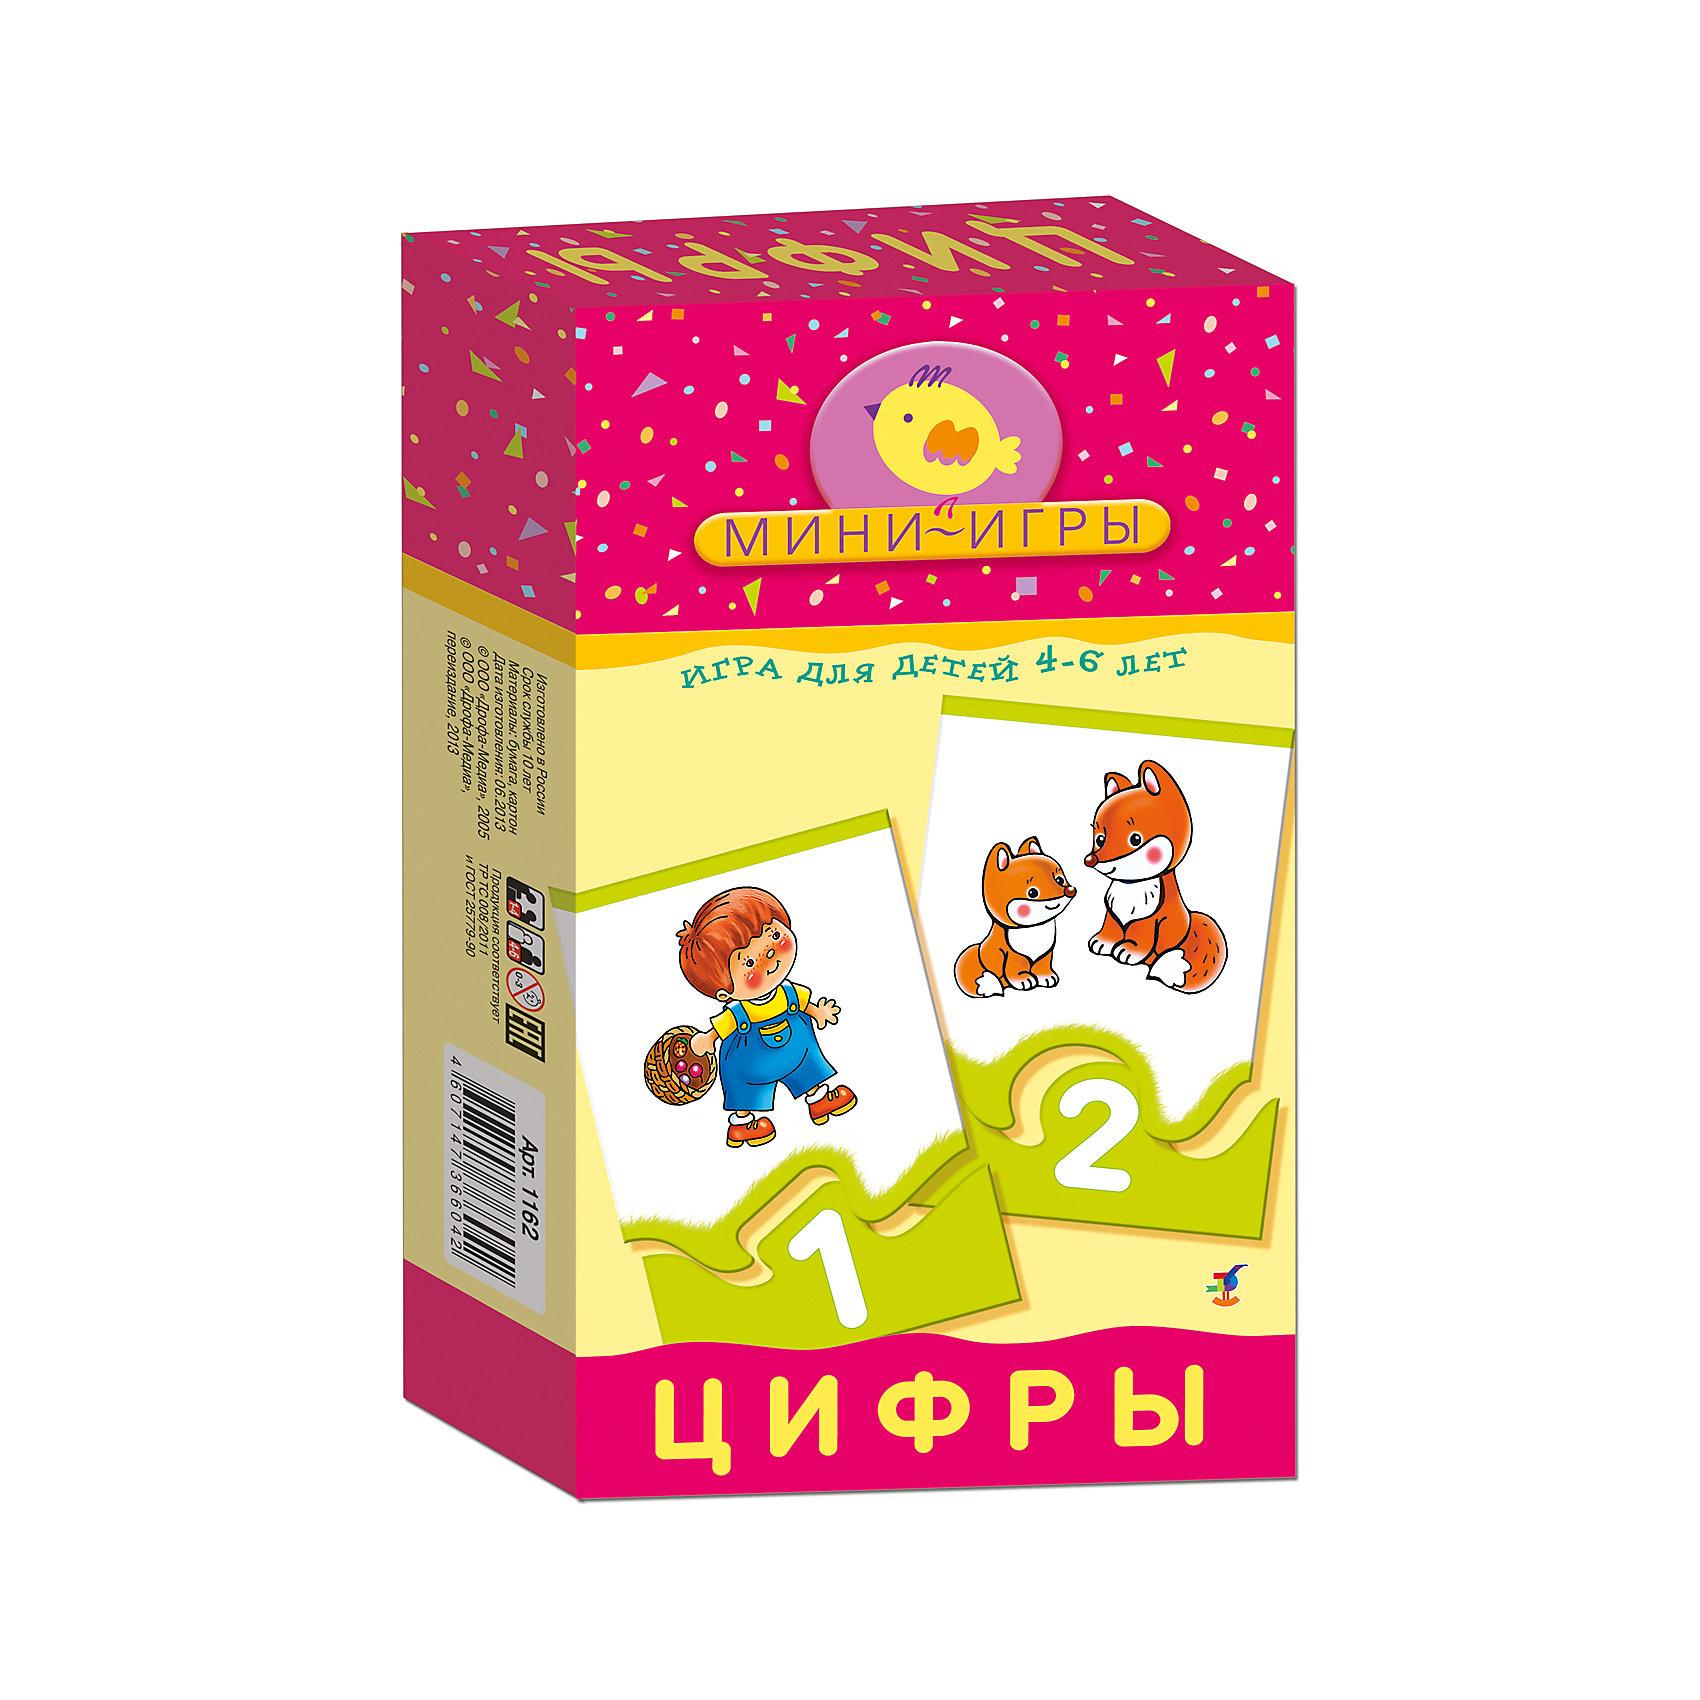 Мини-игра Цифры, Дрофа-МедиаМини-игра Цифры, Дрофа-Медиа - красочное игровое пособие, которое познакомит Вашего ребенка с цифрами и числами первого десятка, поможет закрепить навыки устного счета и научит подбирать элементы, подходящие по форме. В комплекте 48 карточек, которые скрепляются между собой по принципу пазла, на одной части - количественное изображение предметов (например, 1 мишка, 2 волка, 3 ежика), на другой - цифры, а также 6 карточек с математическими знаками. Подробная инструкция предлагает два варианта игры с этими карточками. В первой игре В поисках числа малышу надо подобрать к каждому изображению число, показывающее, сколько предметов изображено. В игре Учимся считать ребенку предлагается сравнивать числа, самостоятельно составлять простые примеры на сложение и вычитание и решать их. В игре могут участвовать 1-4 игрока. Для детей 4-6 лет. Игра способствует развитию мелкой моторики, внимания, памяти и мышления.<br><br>Дополнительная информация:<br><br>- Серия: Мини-игры.<br>- В комплекте: 48 карточек, инструкция.<br>- Материал: бумага. картон.<br>- Размер упаковки: 20 x 12 x 3,5 см.<br>- Вес: 144 гр.<br><br>Мини-игру Цифры, Дрофа-Медиа, можно купить в нашем интернет-магазине.<br><br>Ширина мм: 120<br>Глубина мм: 200<br>Высота мм: 35<br>Вес г: 170<br>Возраст от месяцев: 48<br>Возраст до месяцев: 96<br>Пол: Унисекс<br>Возраст: Детский<br>SKU: 4533296